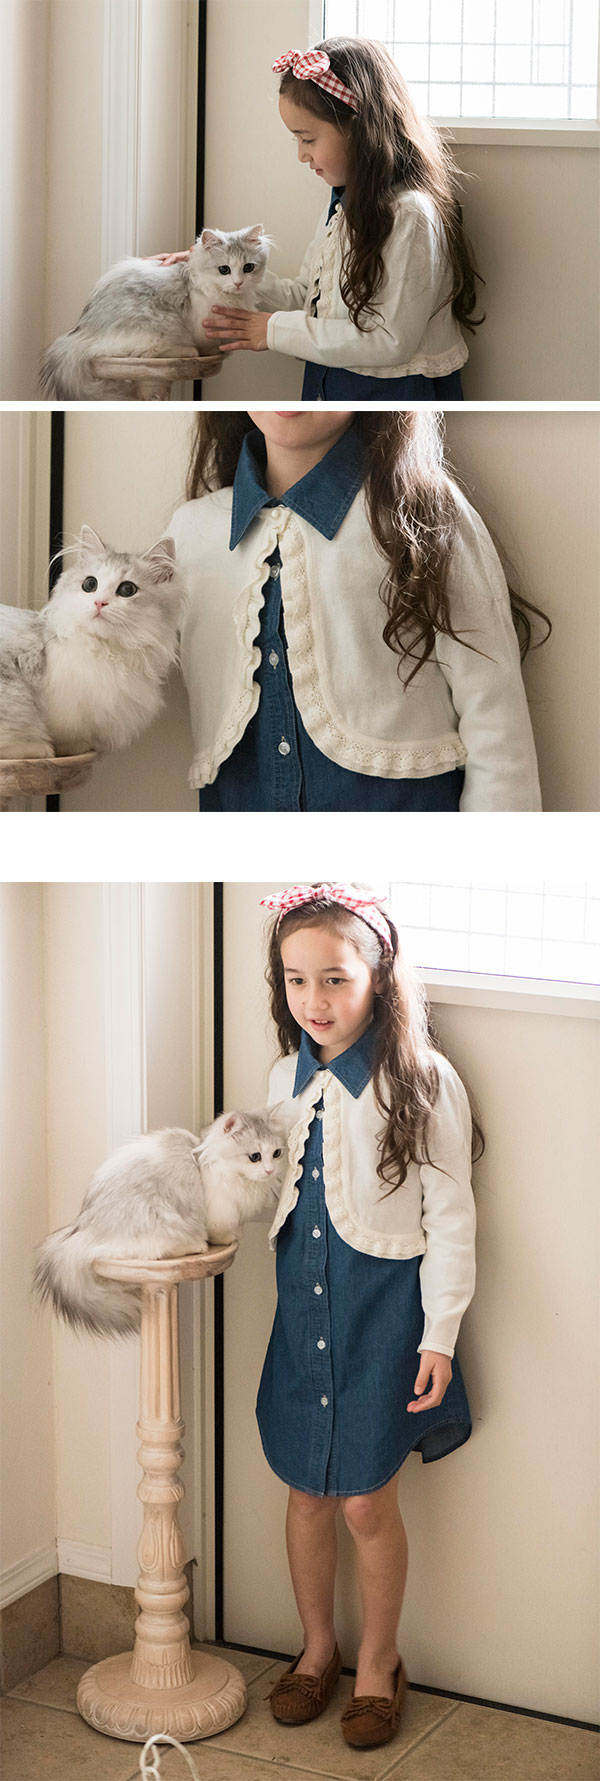 女の子 子供 羽織り ニット カーディガン 白 白カーデ